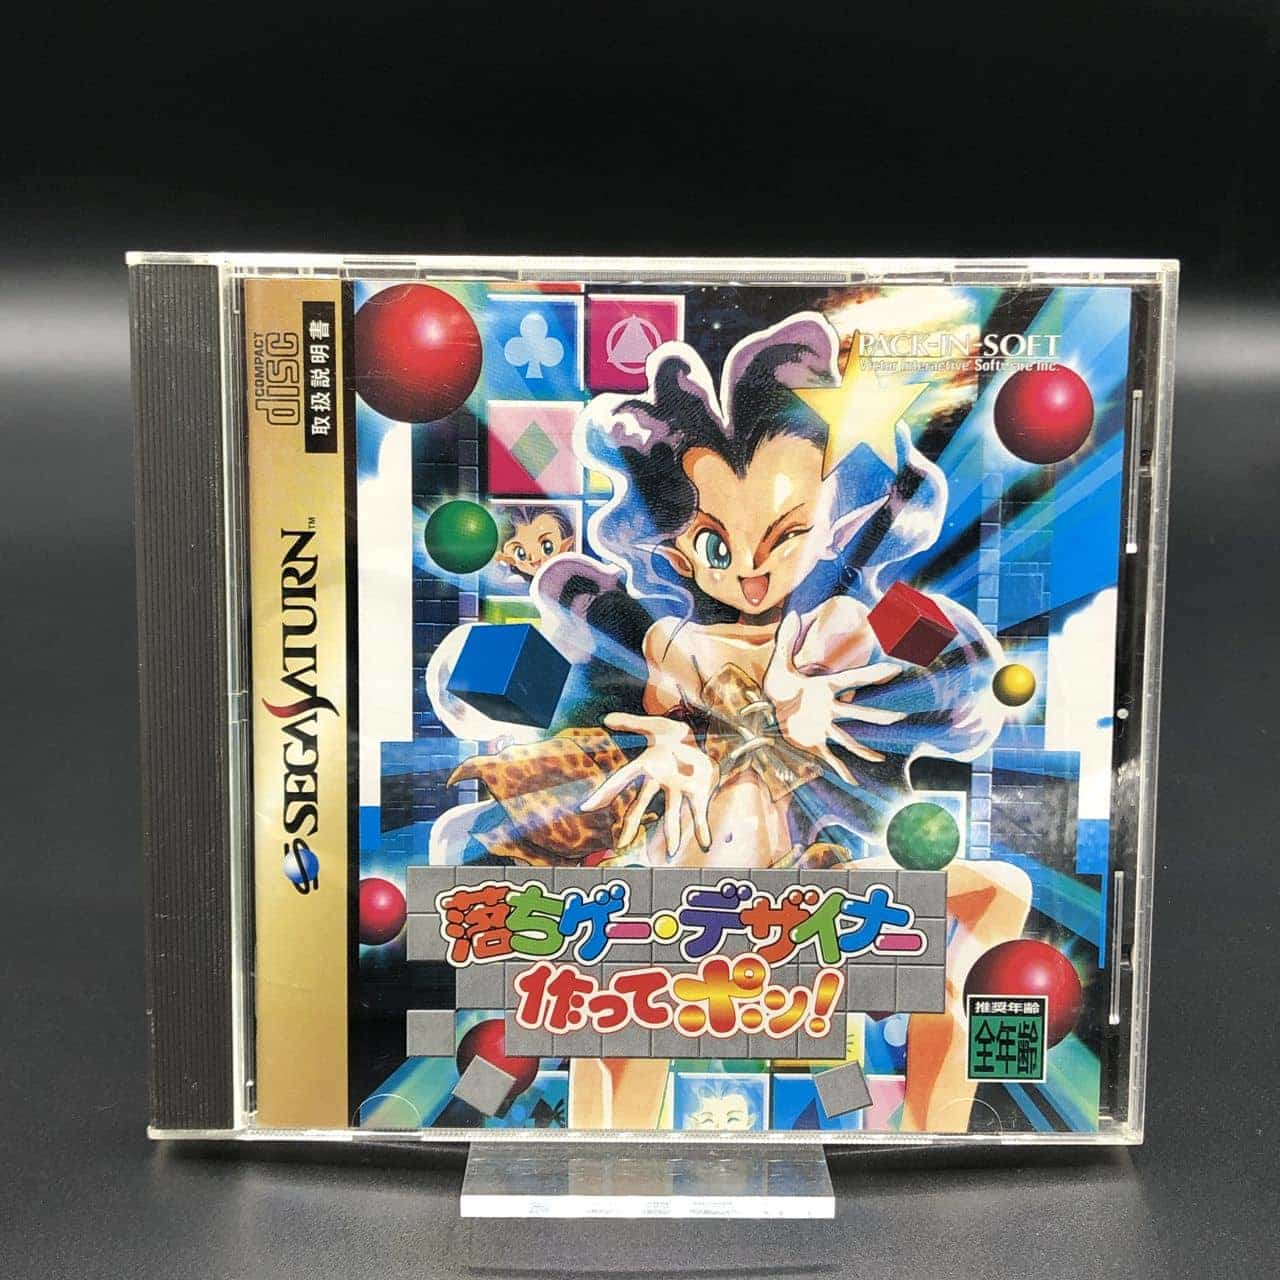 Ochige Designer Tsukutte Pon (Import Japan) (Komplett) (Sehr gut) Sega Saturn